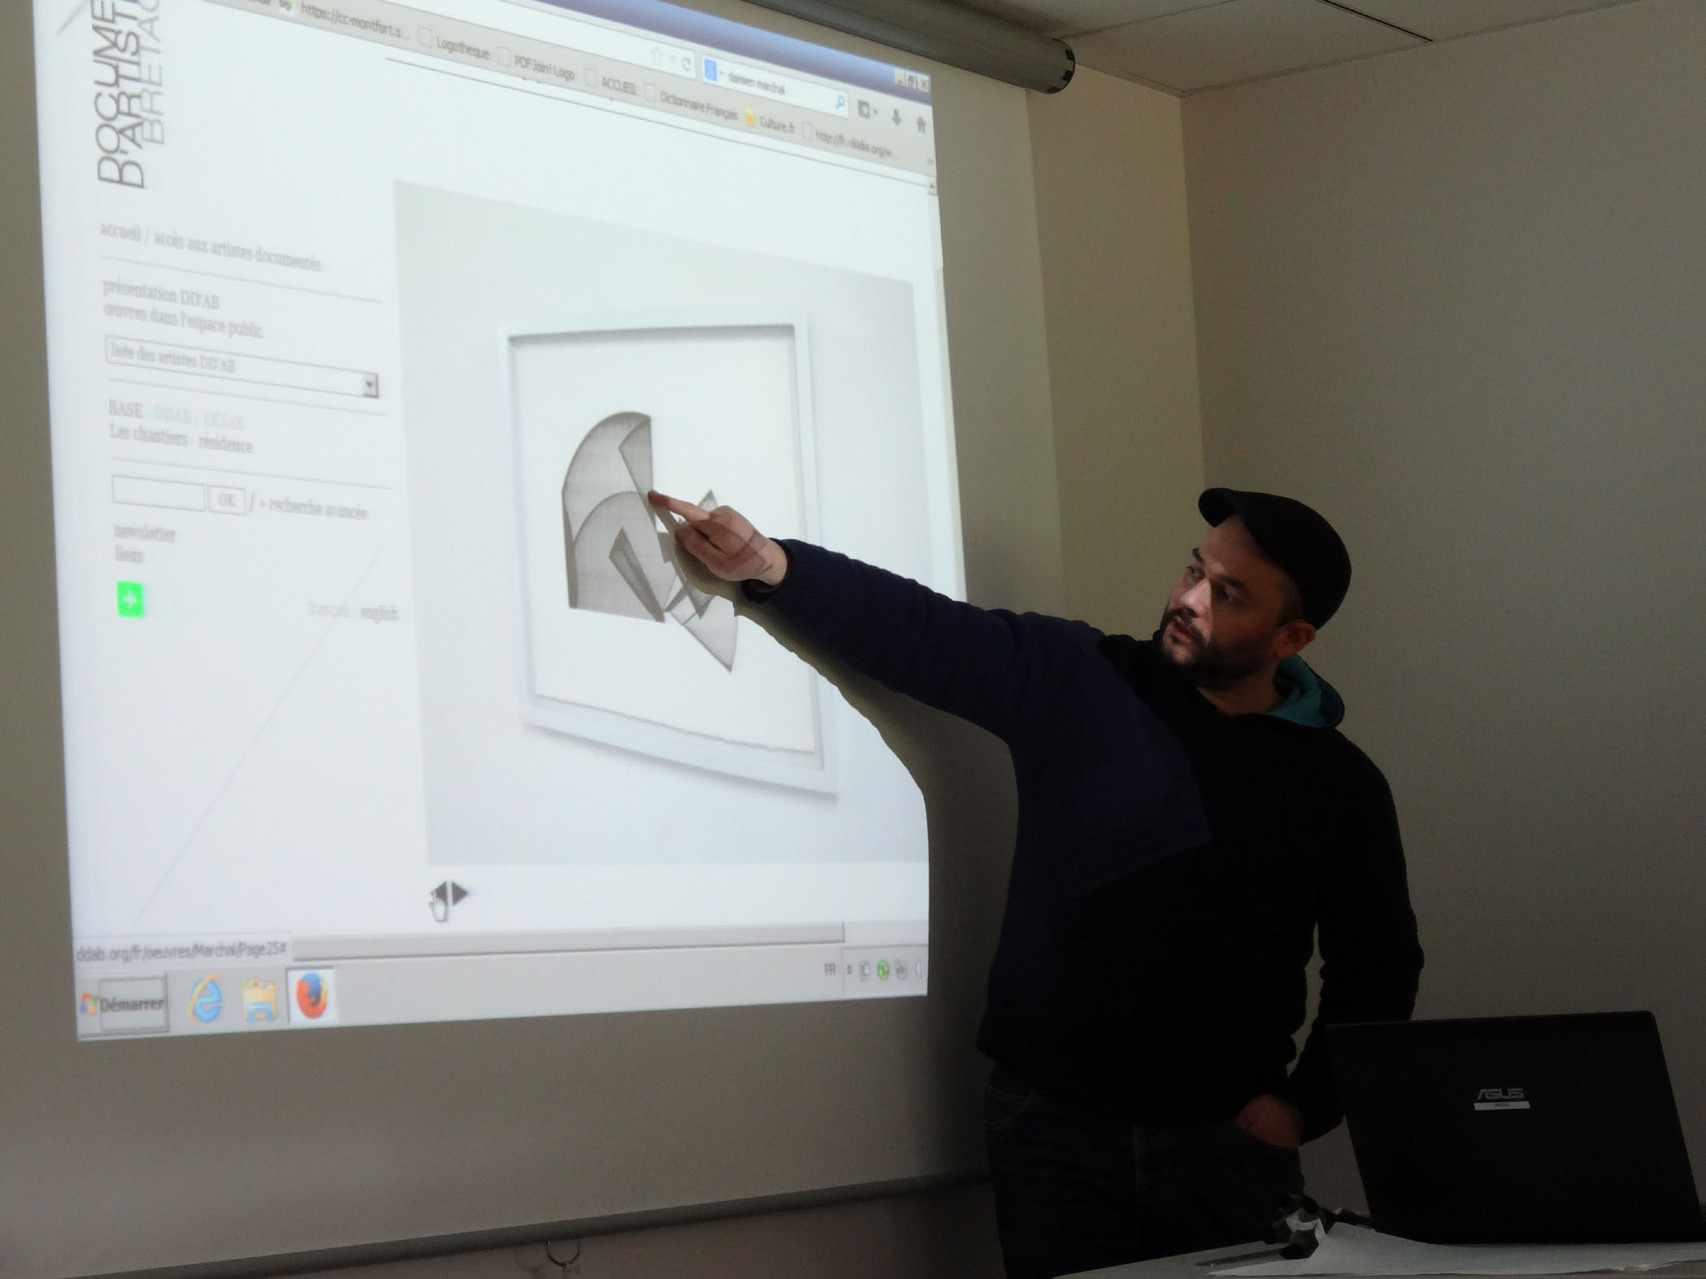 Rencontre avec Damien Marchal - CM2 école élémentaire publique de Bédée